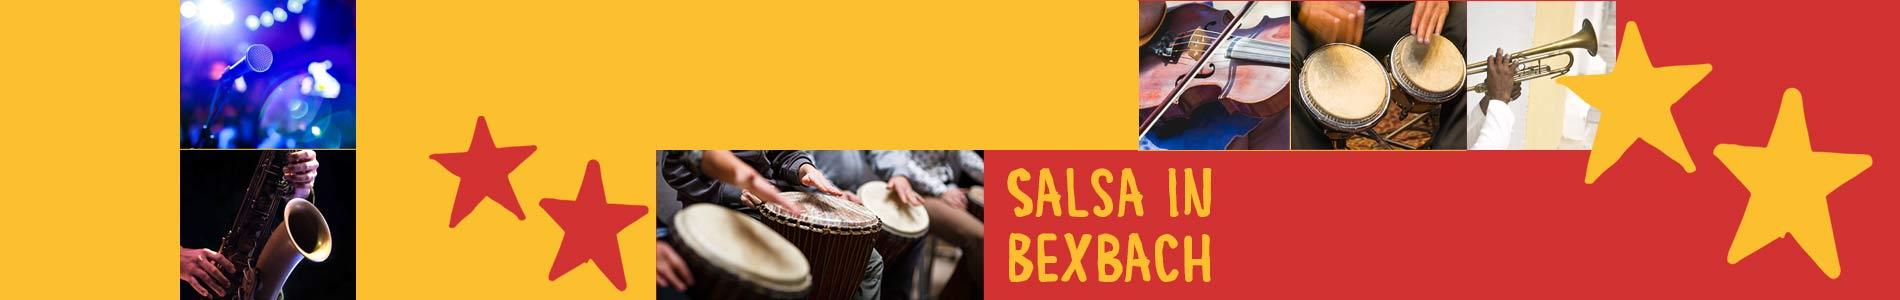 Salsa in Bexbach – Salsa lernen und tanzen, Tanzkurse, Partys, Veranstaltungen